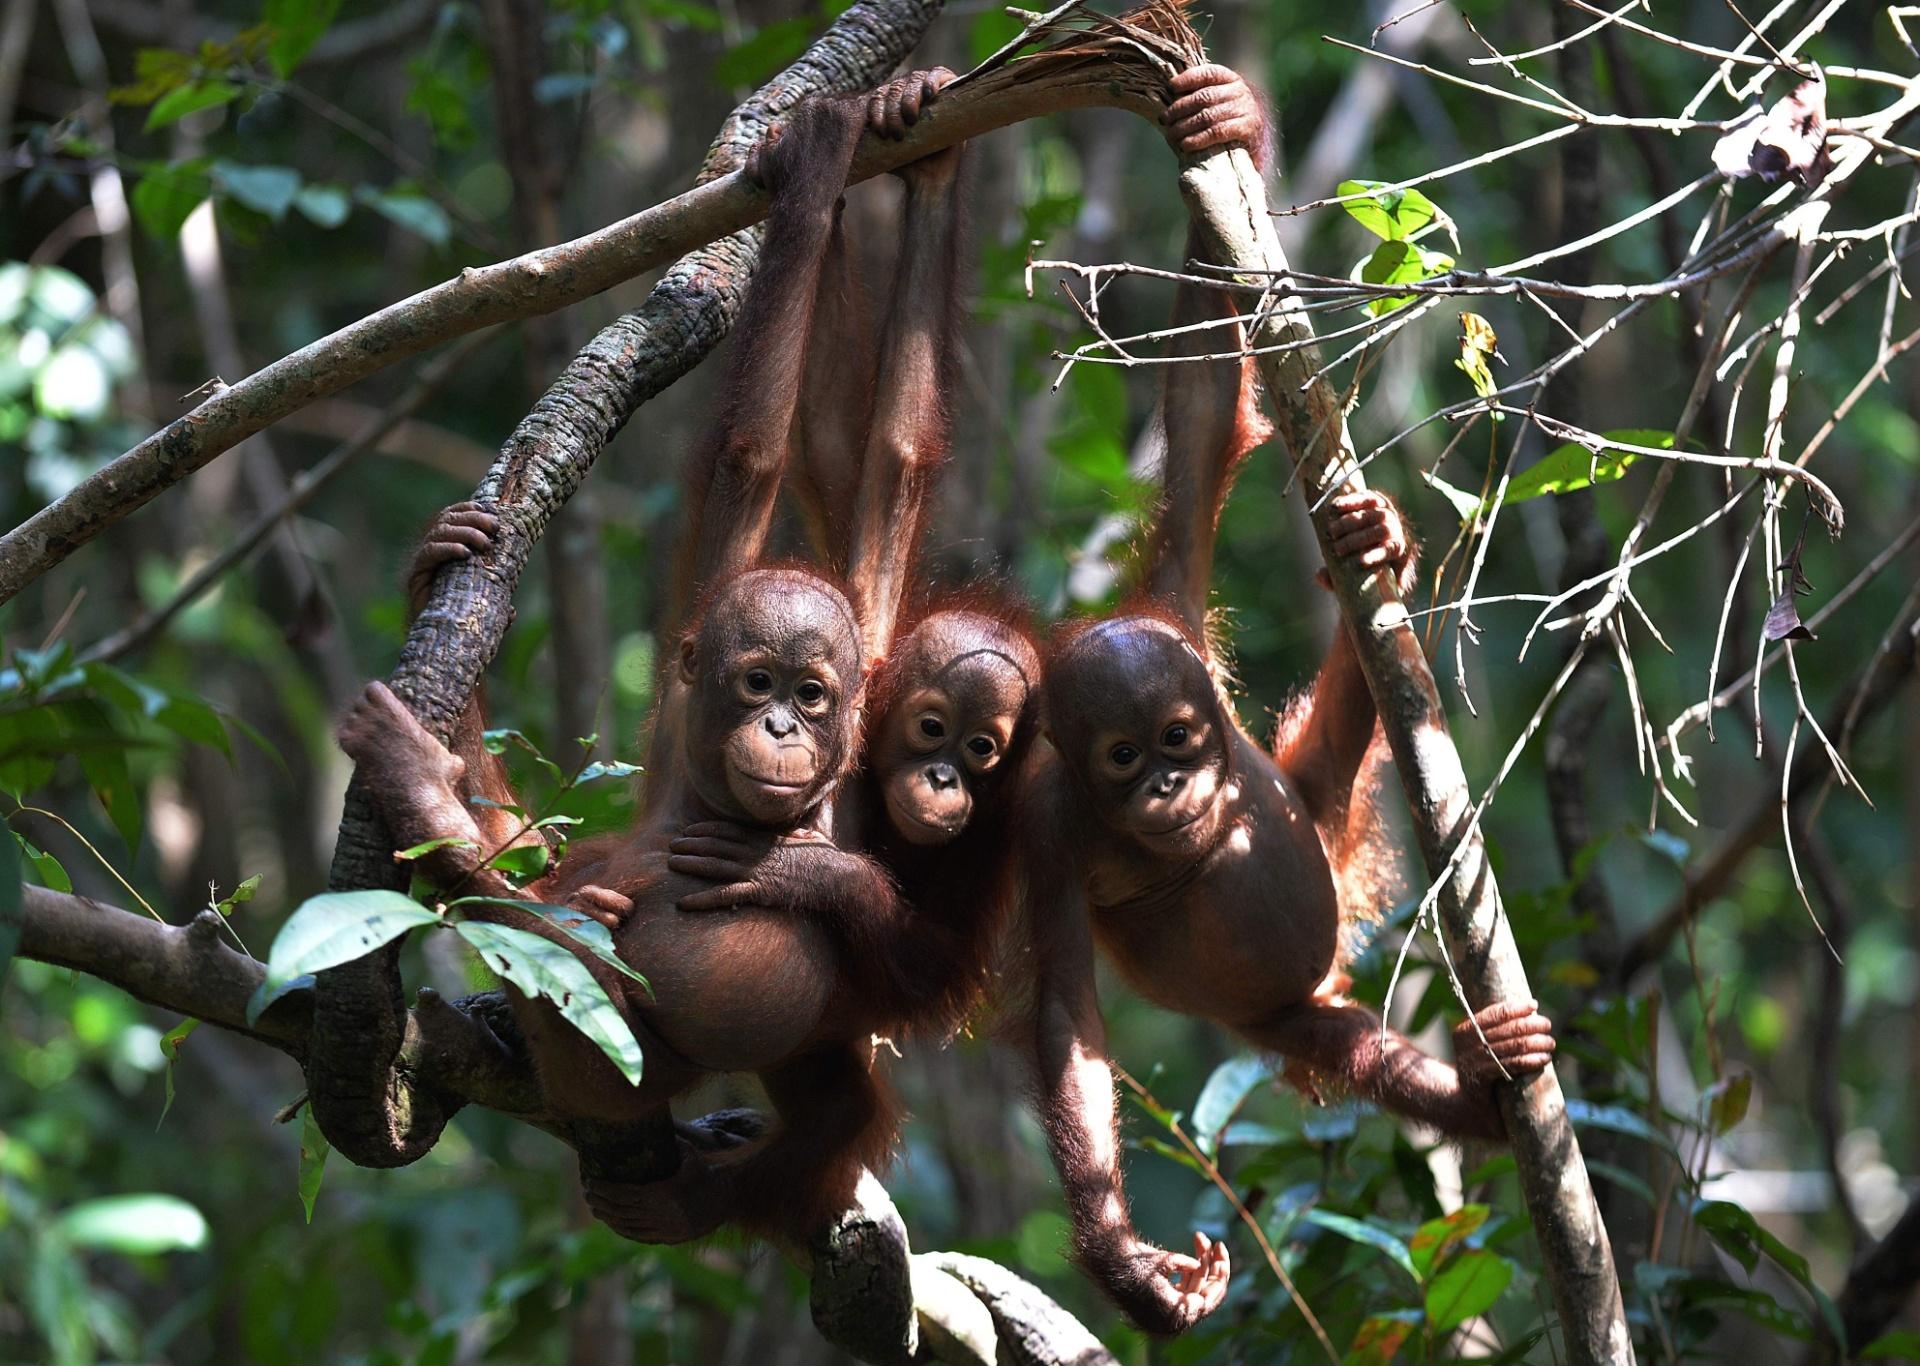 31.ago.2016 - No refúgio internacional para animais na Indonésia, orangotangos órfãos aprendem a fazer ninhos, a buscar comida e a evitar os predadores